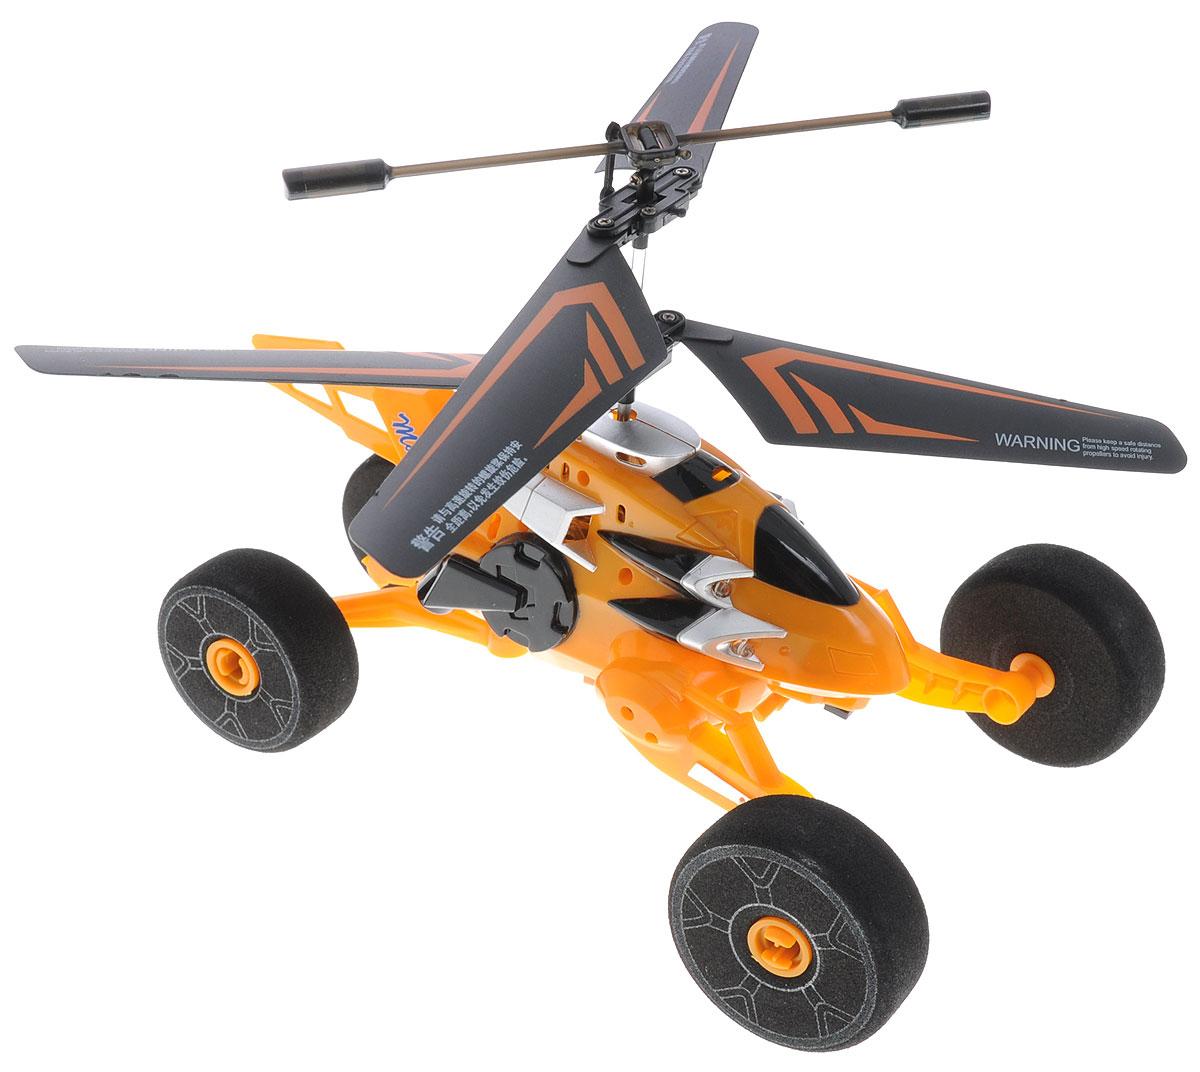 Auldey Вертолет на инфракрасном управлении Master цвет оранжевый